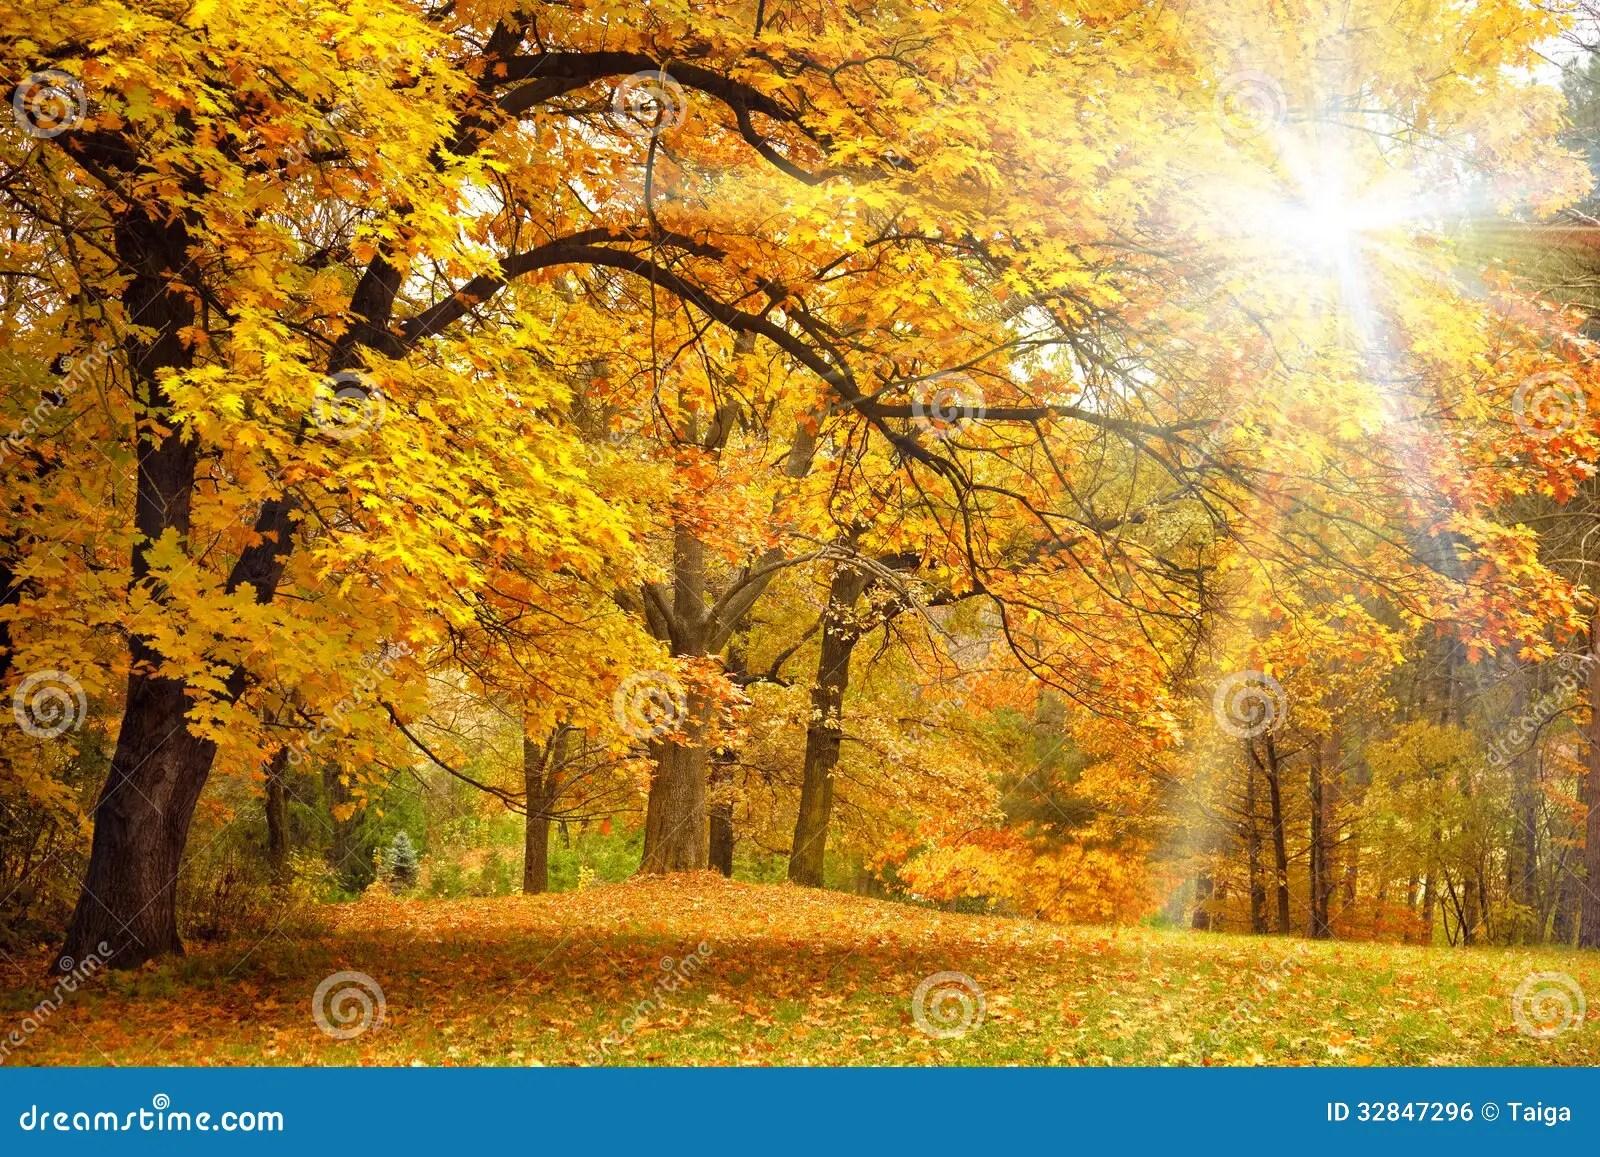 Fall Leaves Pathway Computer Wallpaper Autunno Dell Oro Con Luce Solare Bei Alberi Nella Foresta